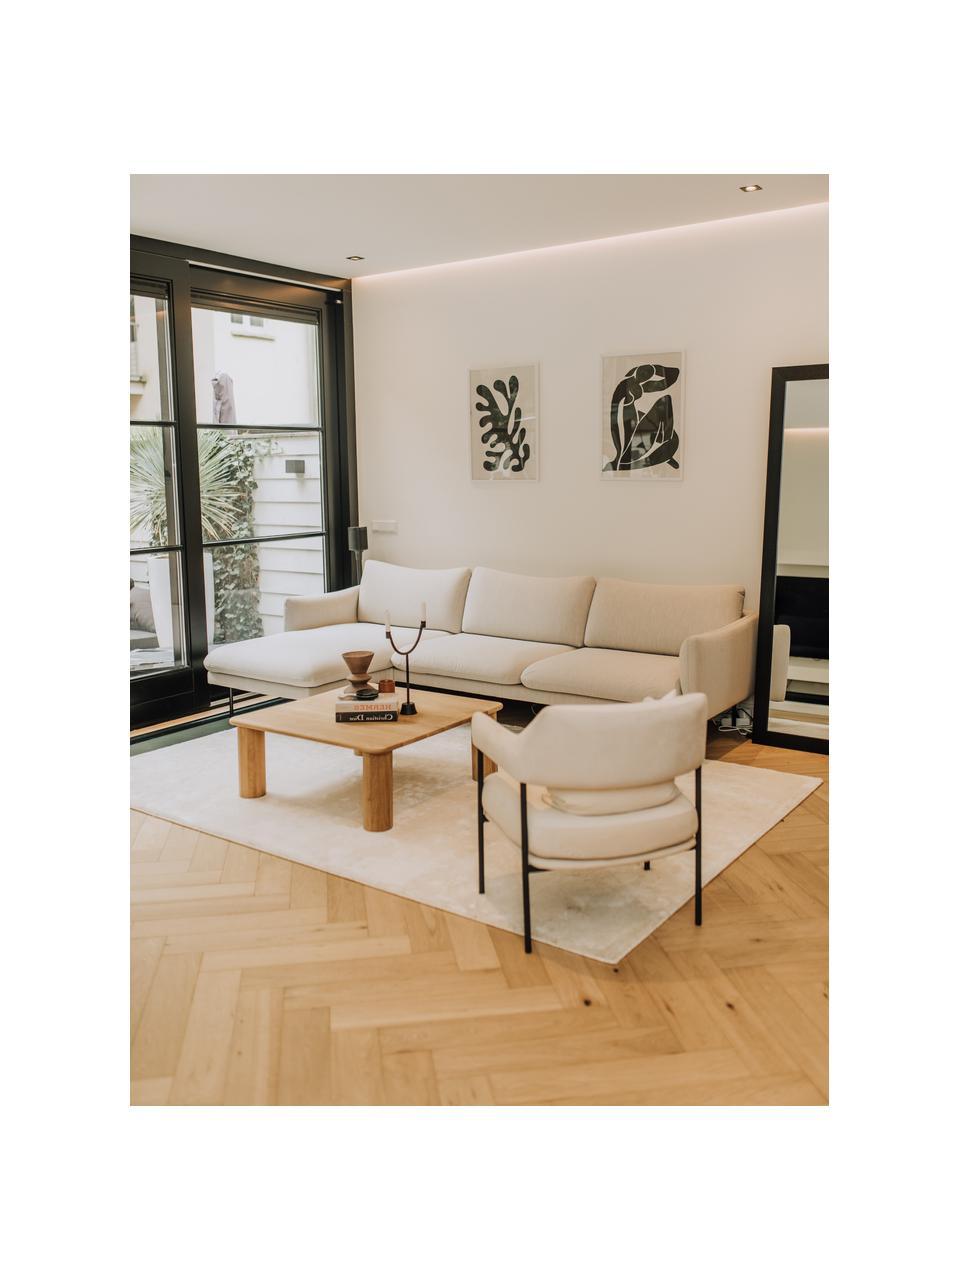 Hoekbank Moby in beige met metalen poten, Bekleding: polyester, Frame: massief grenenhout, Poten: gepoedercoat metaal, Beige, B 280 x D 160 cm